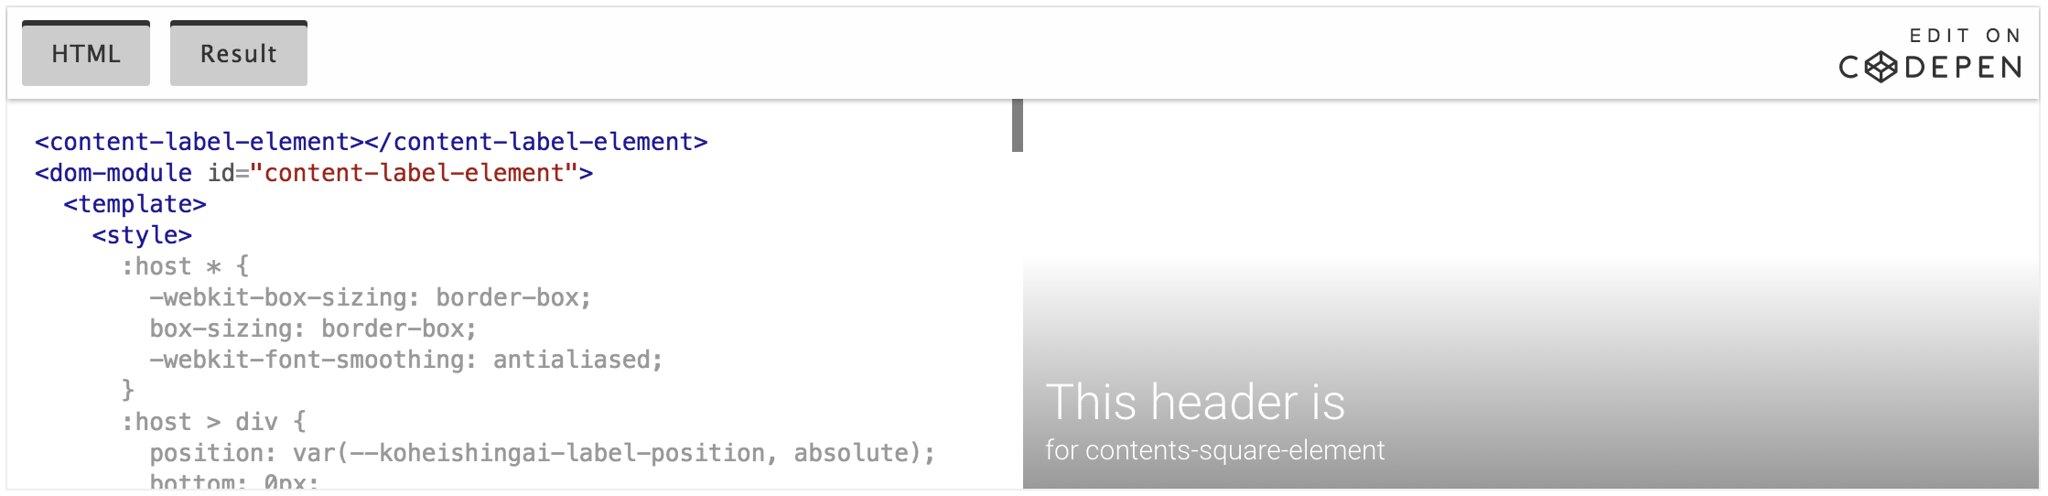 codepen-content-label-element